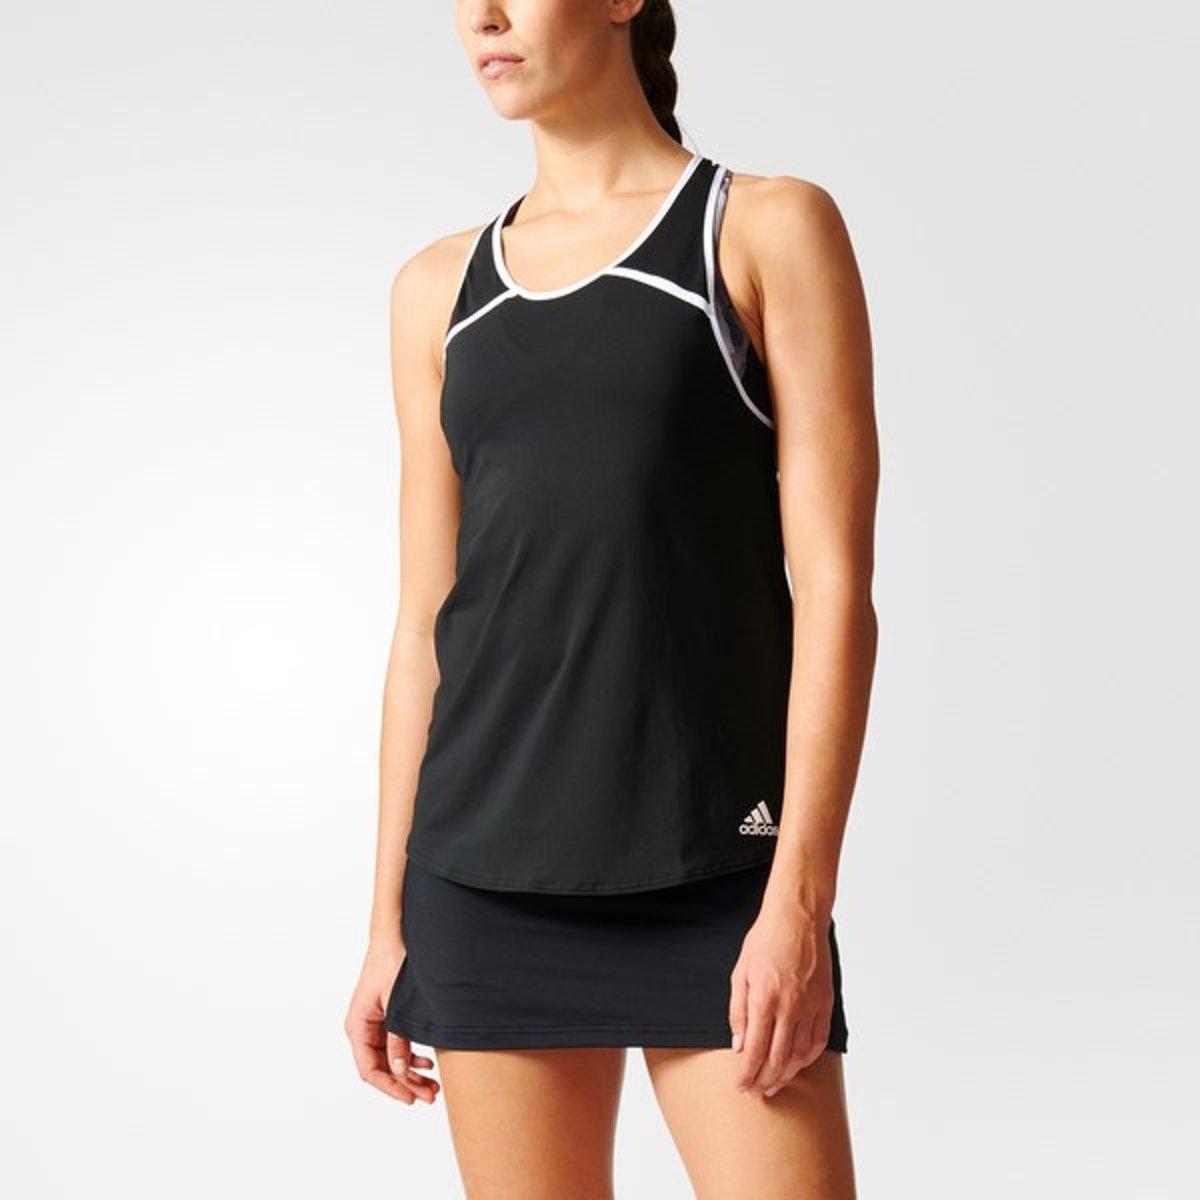 adidas Club Tank - Sportshirt - Dames - XS - Black thumbnail